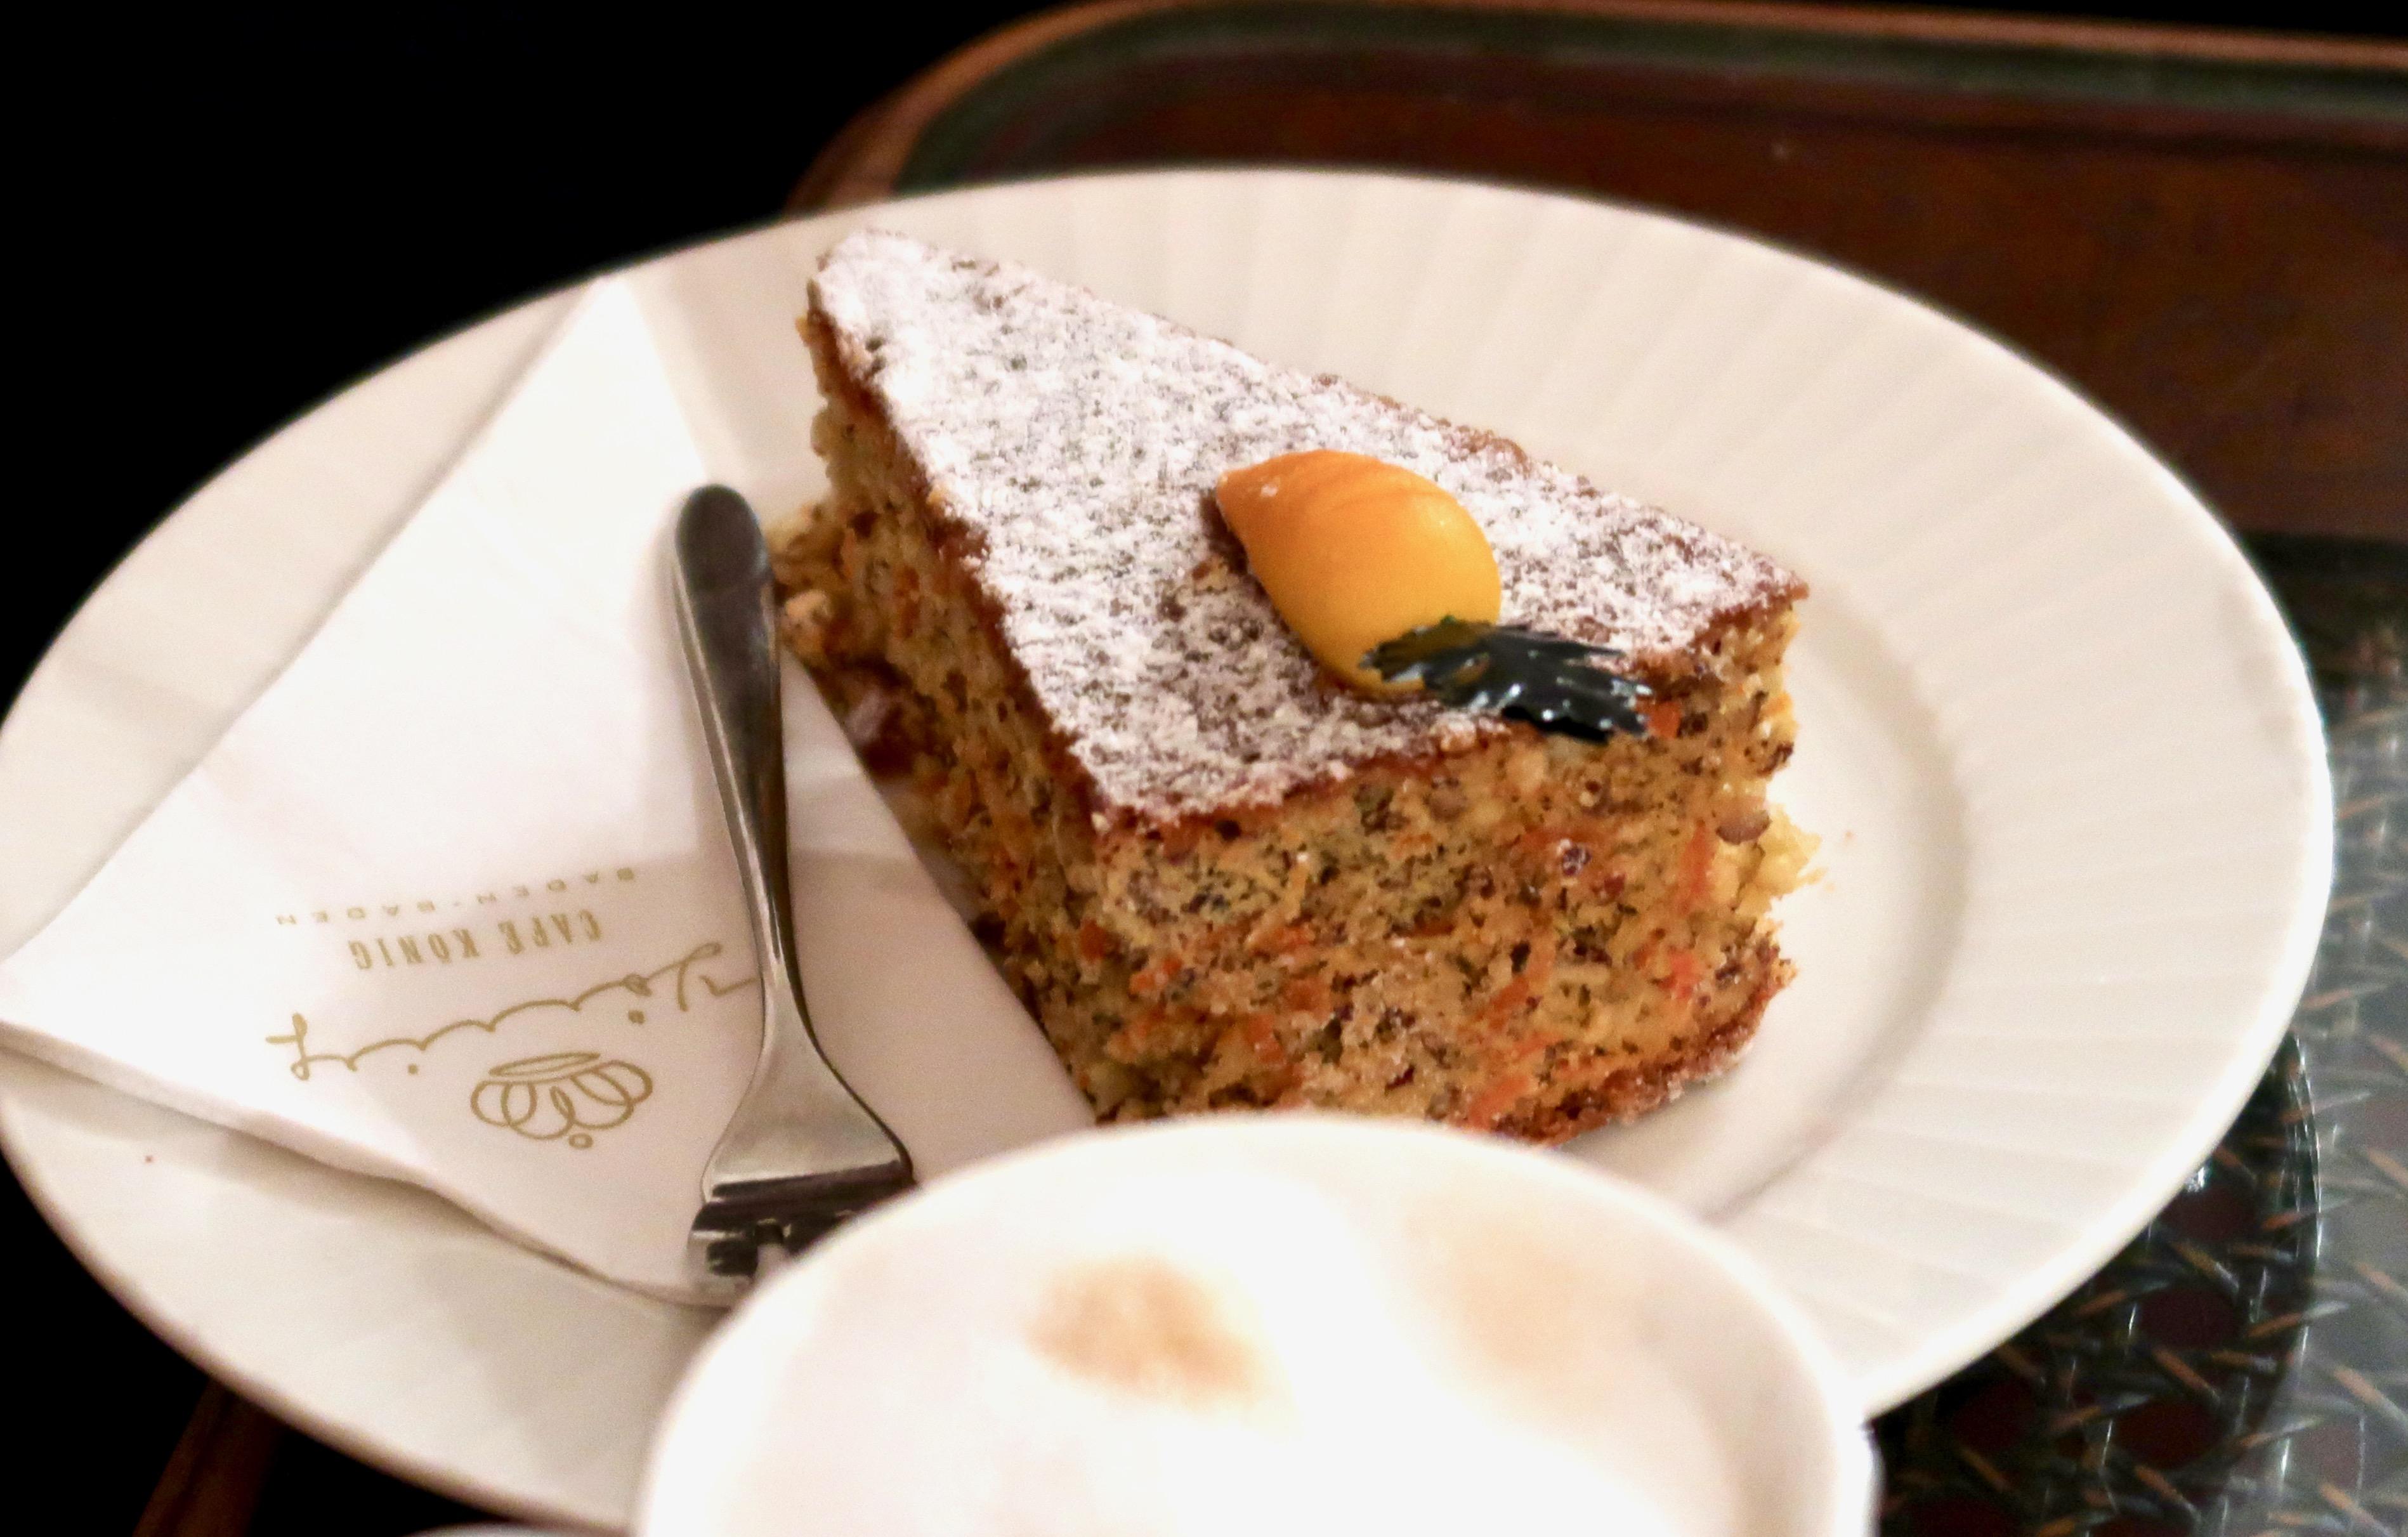 Café König Baden-Baden carrot cake